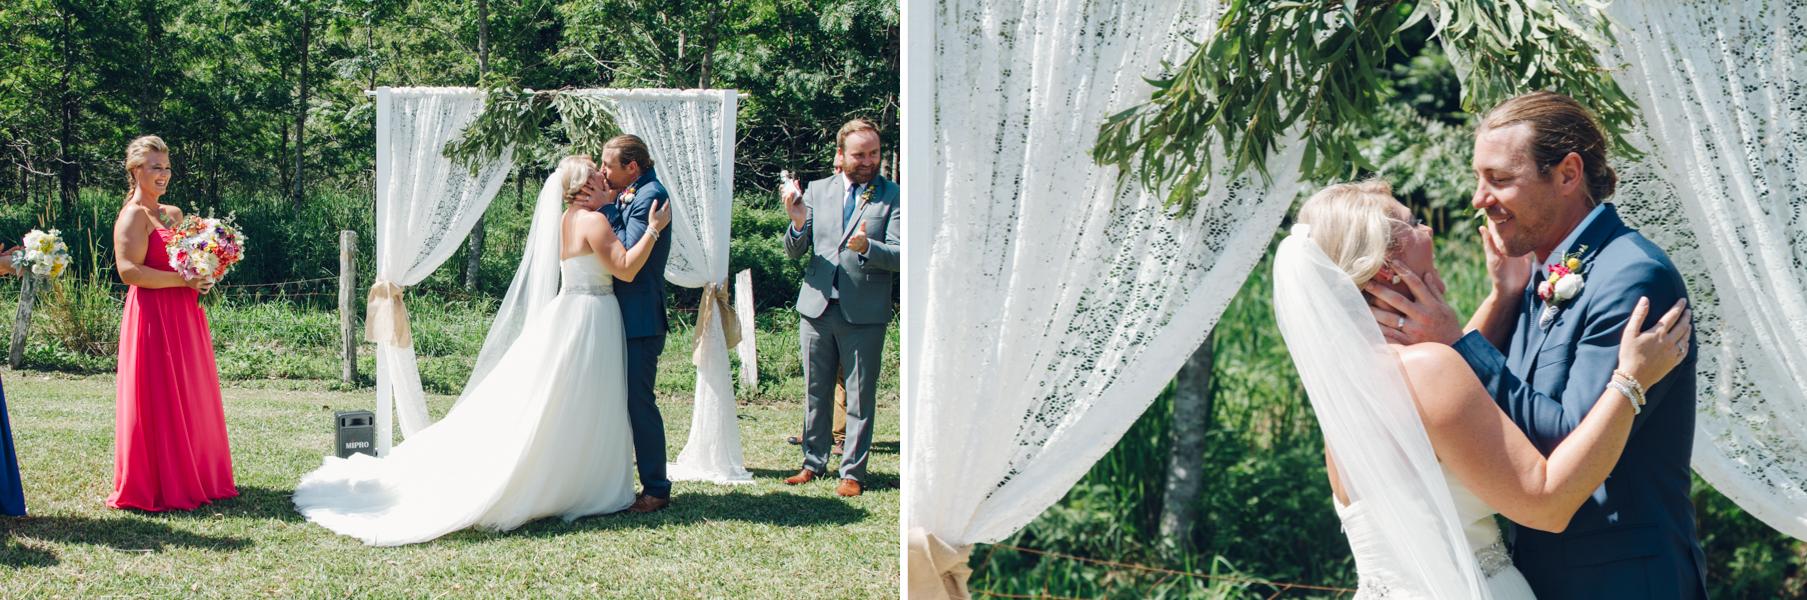 Erin & Craig Byron Bay Wedding Photography 17.jpg